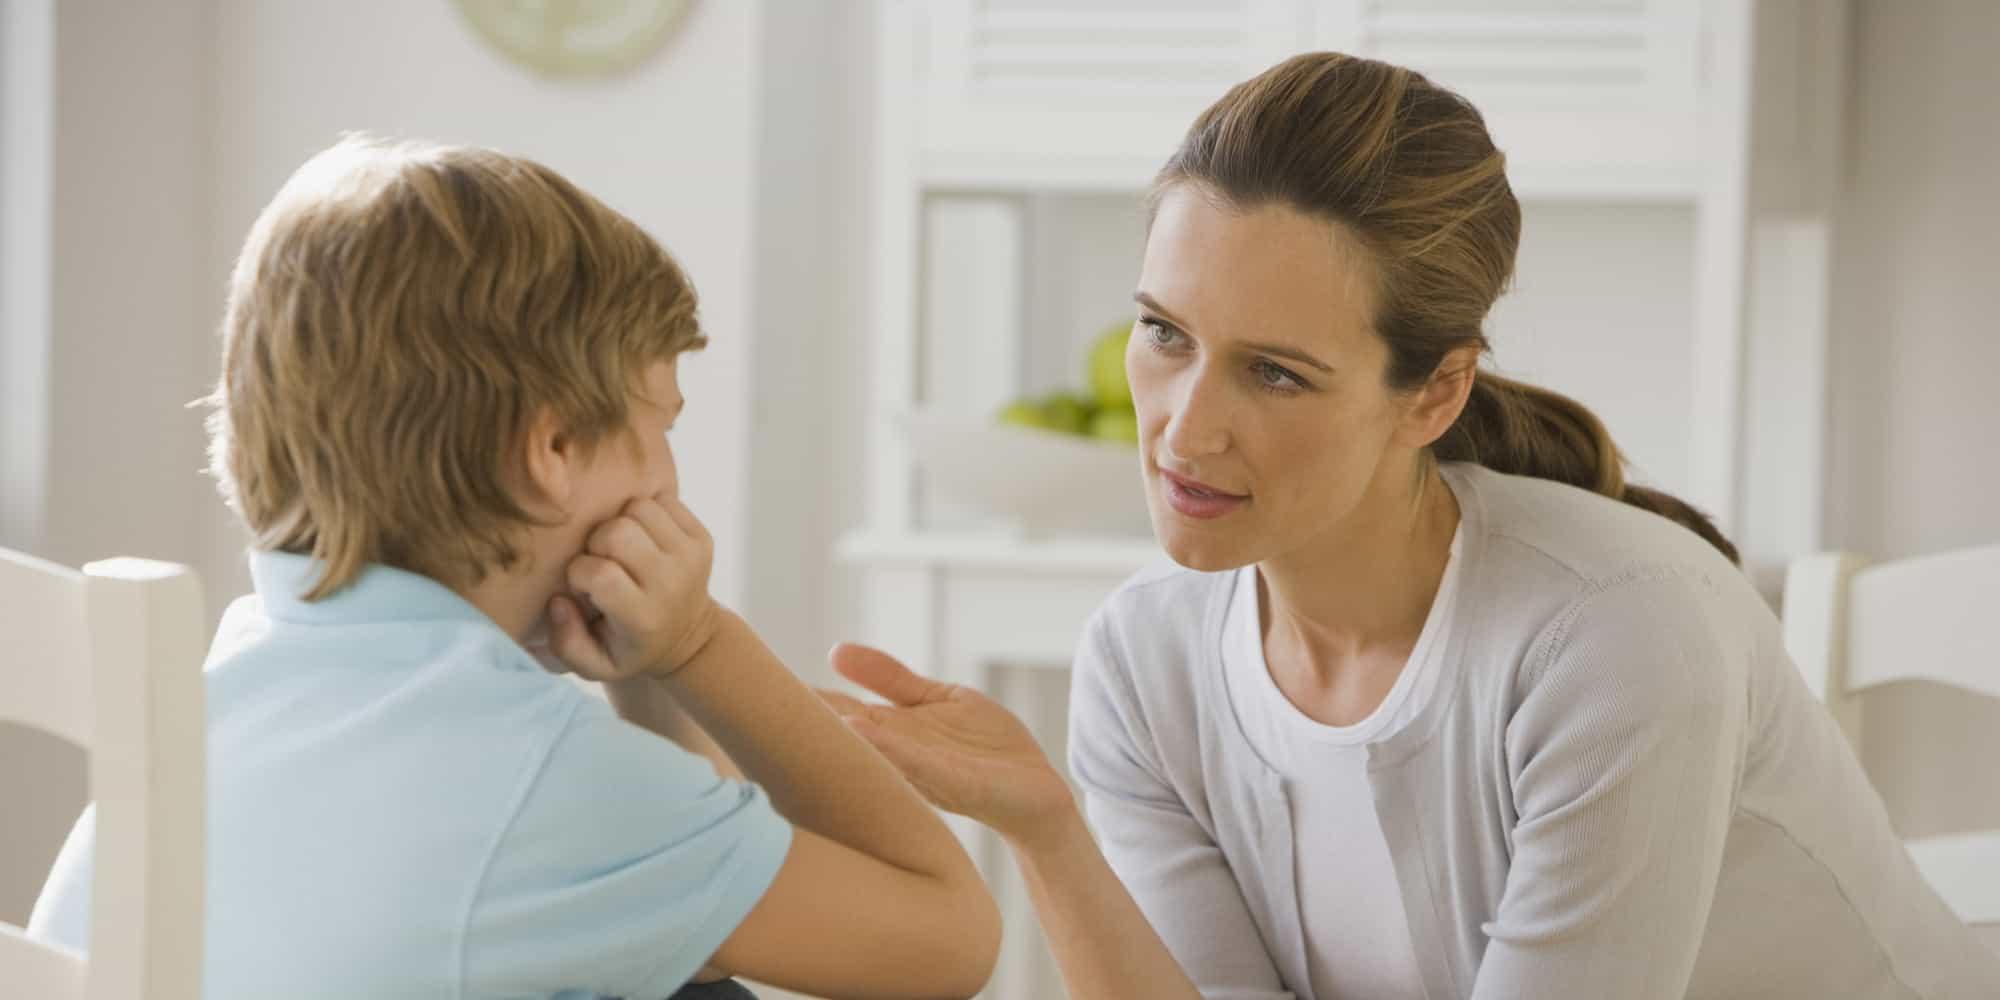 كيفية التعامل مع الطفل الكاذب